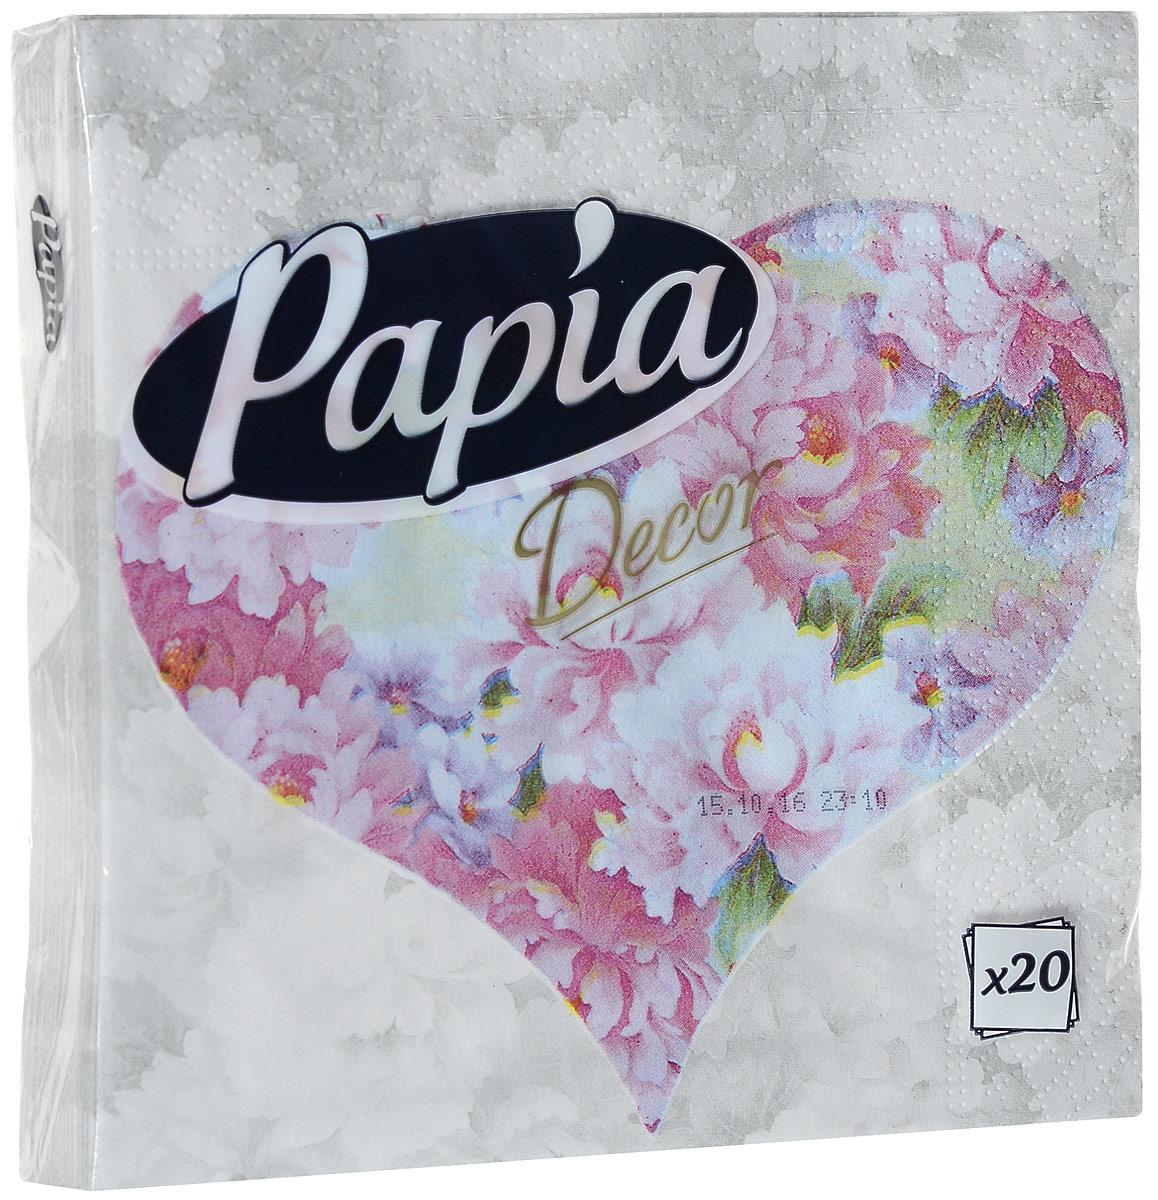 Салфетки бумажные Papia Decor, трехслойные, цвет: розовые пионы, 33 х 33 см, 20 шт15302_розовые пионы /сердцеТрехслойные салфетки Papia Decor, выполненные из 100% целлюлозы, оформлены красивым рисунком. Салфетки предназначены для красивой сервировки стола. Оригинальный дизайн салфеток добавит изысканности вашему столу и поднимет настроение. Размер салфеток: 33 см х 33 см.